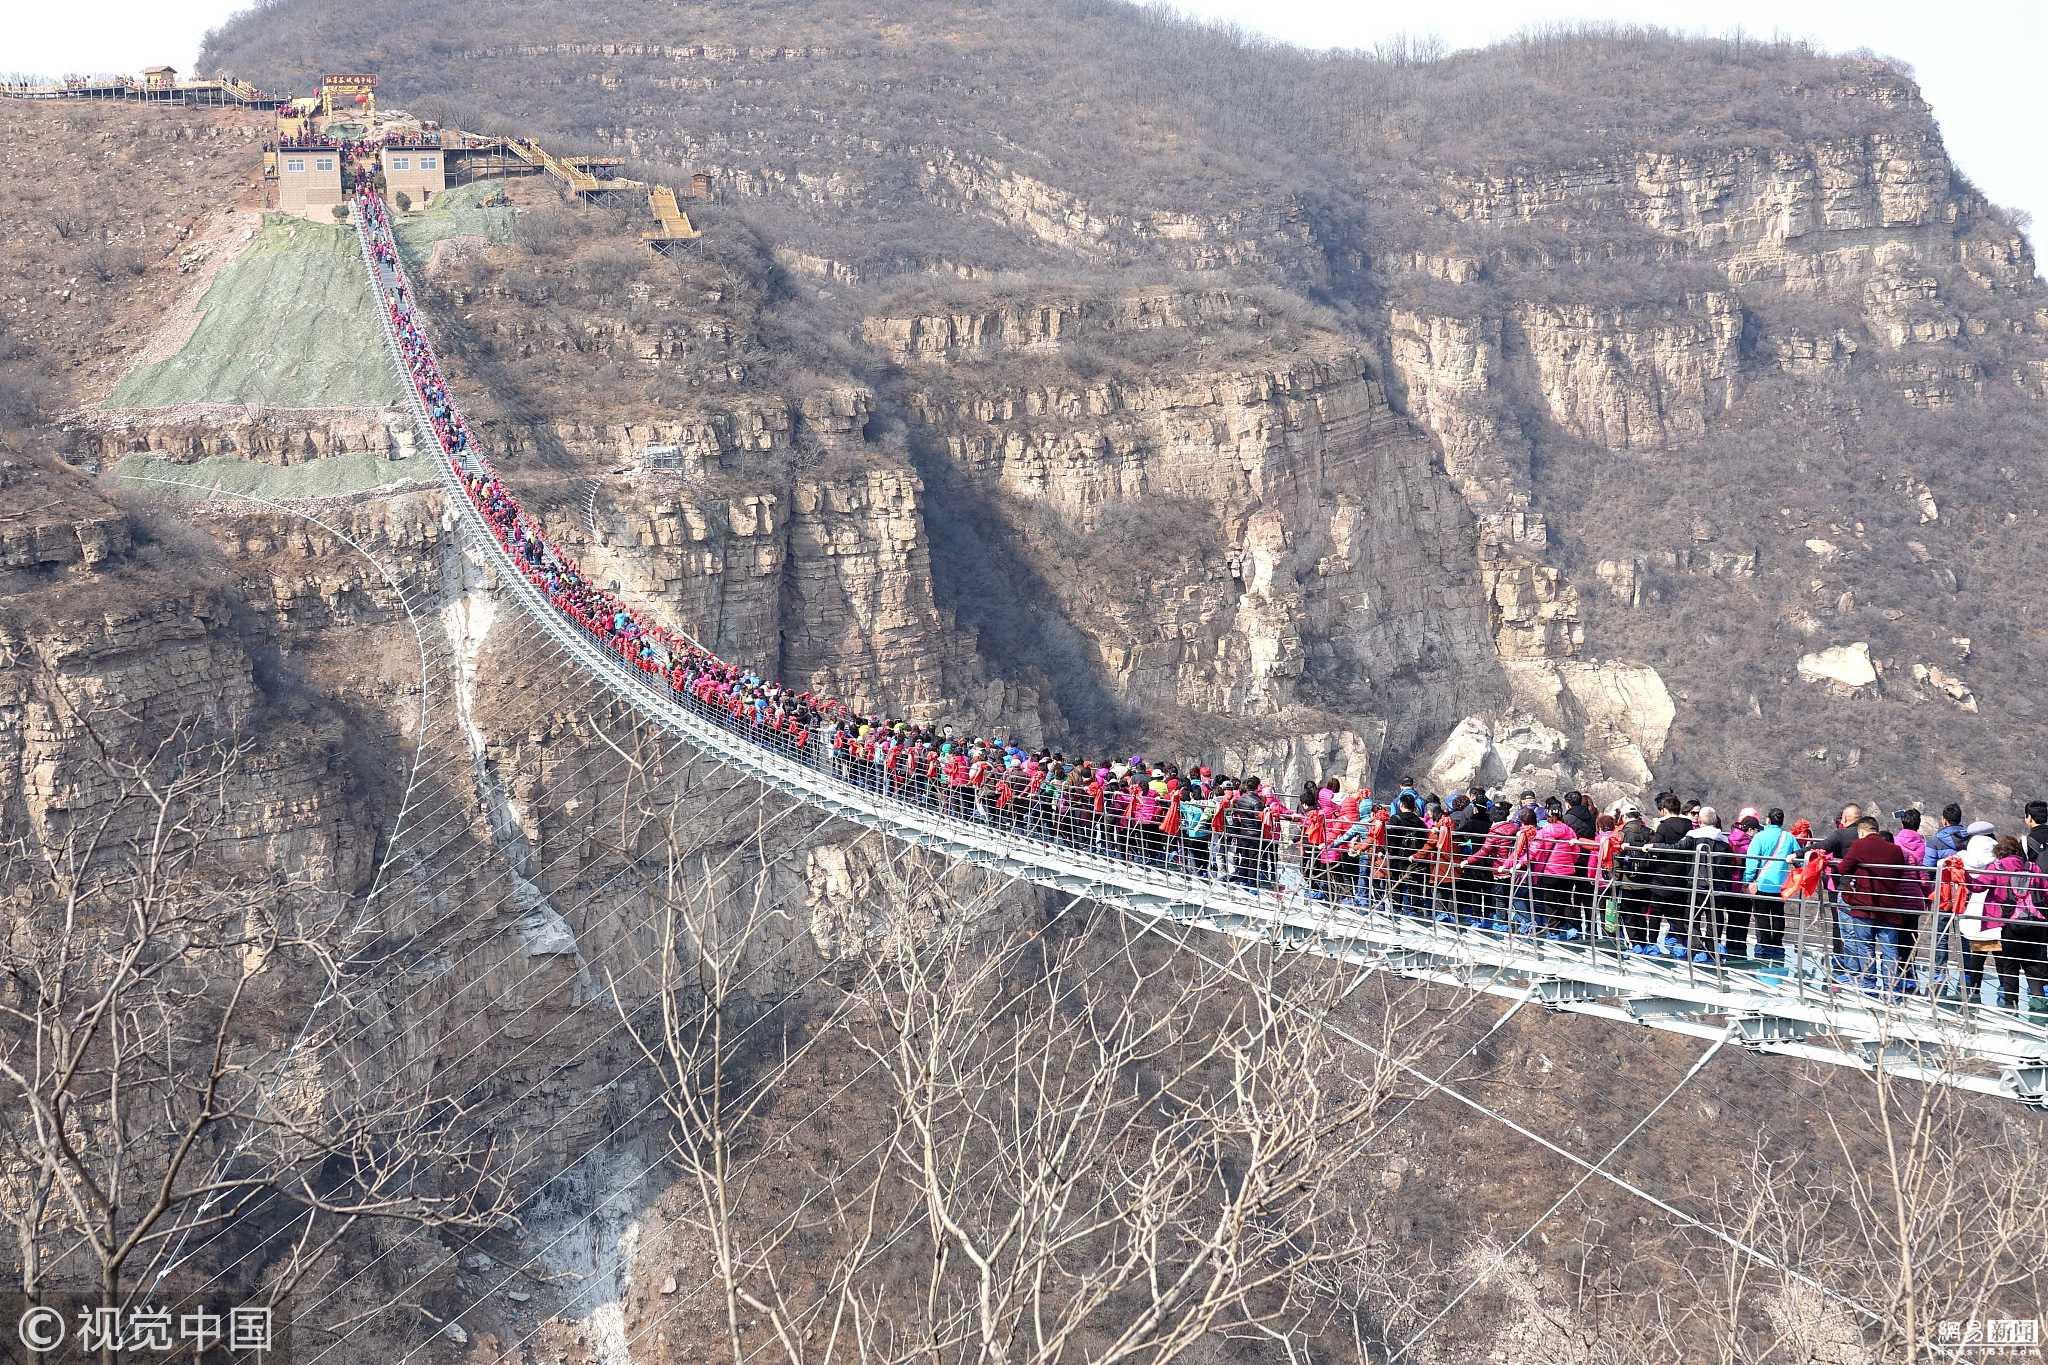 悬空玻璃吊桥挤满游客